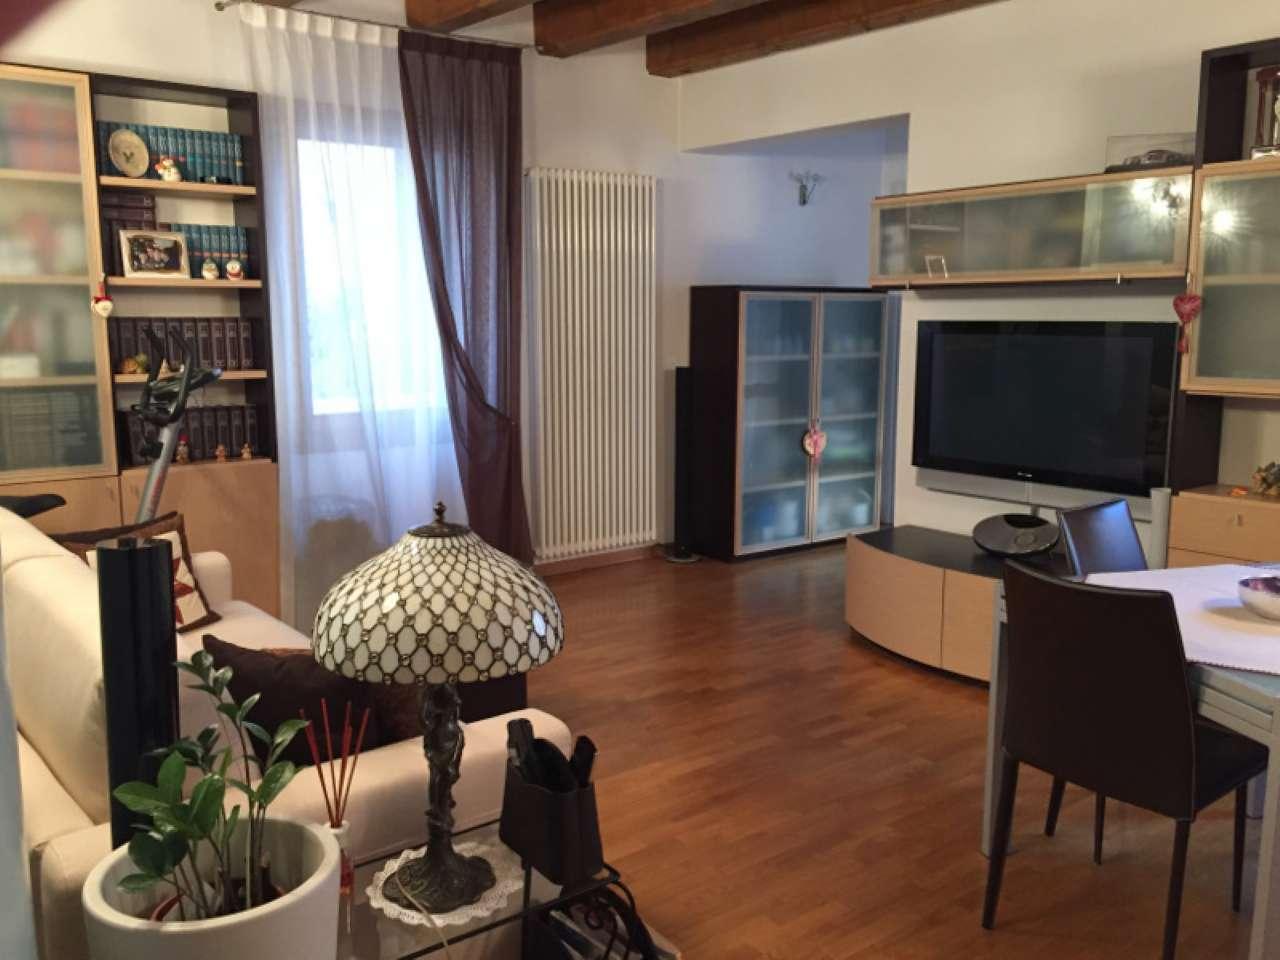 Appartamento quadrilocale in vendita a Rovigo (RO)